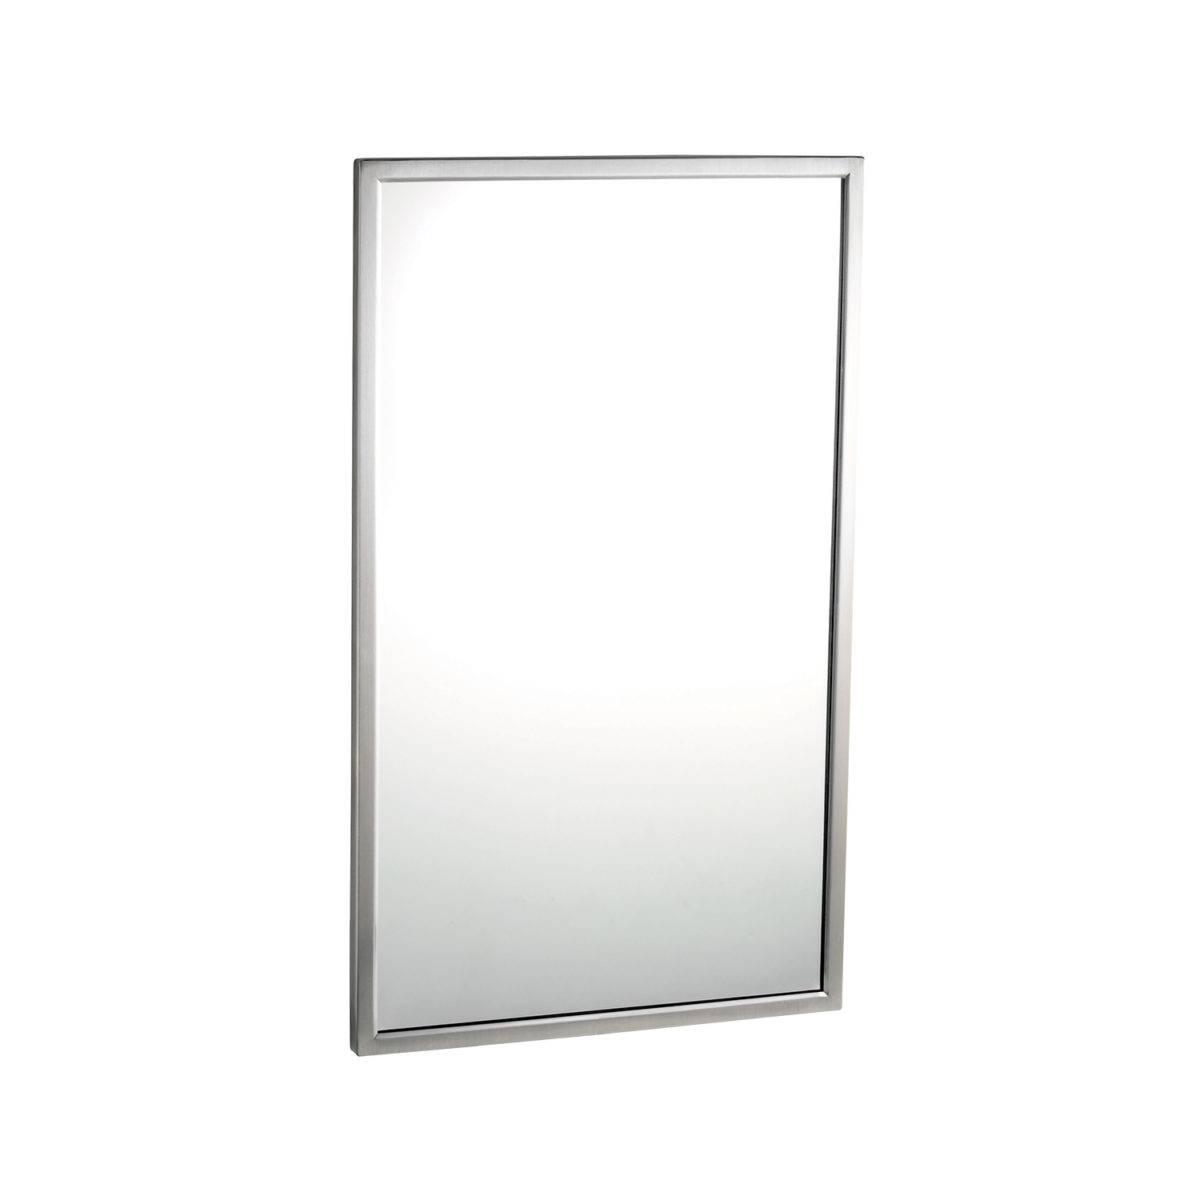 Зеркало с окантовкой из нержавеющей стали 2901830 Bobrick